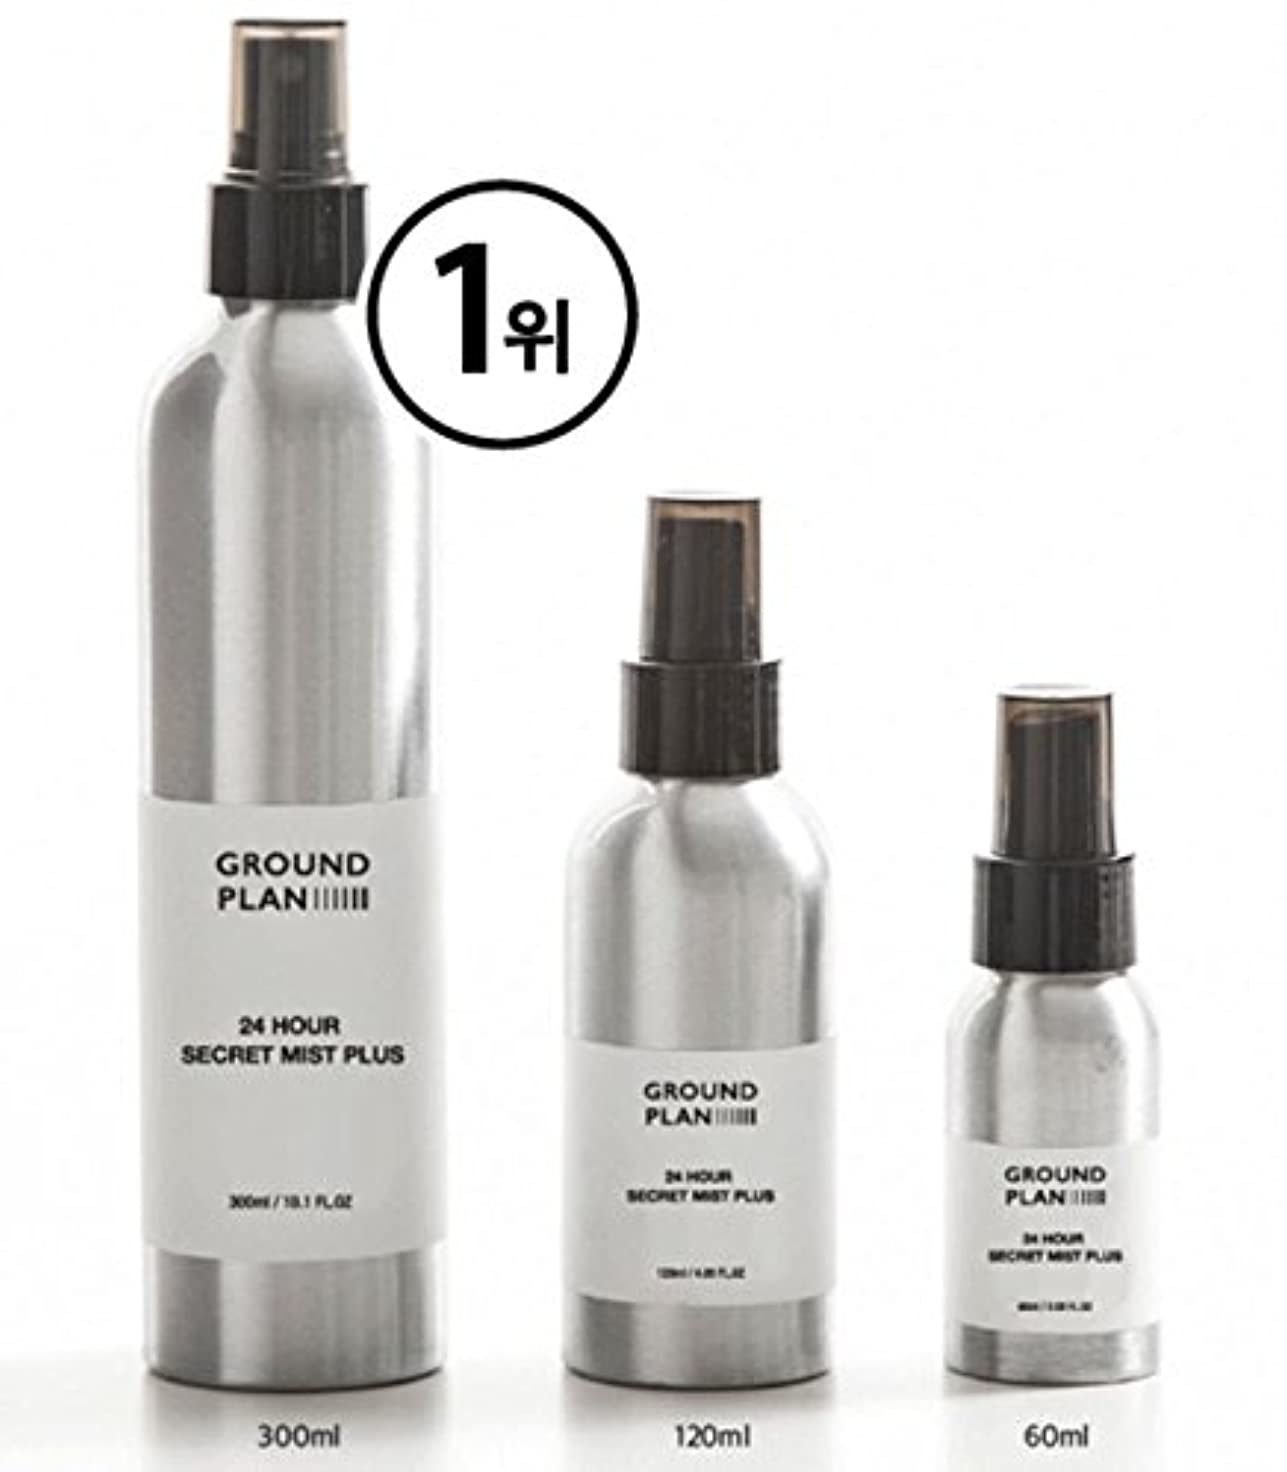 帝国主義クロール修復[グラウンド?プラン] 24Hour 秘密 スキンミスト Plus (120ml) (300ml) Ground plan 24 Hour Secret Skin Mist Plus [海外直送品] (120ml)